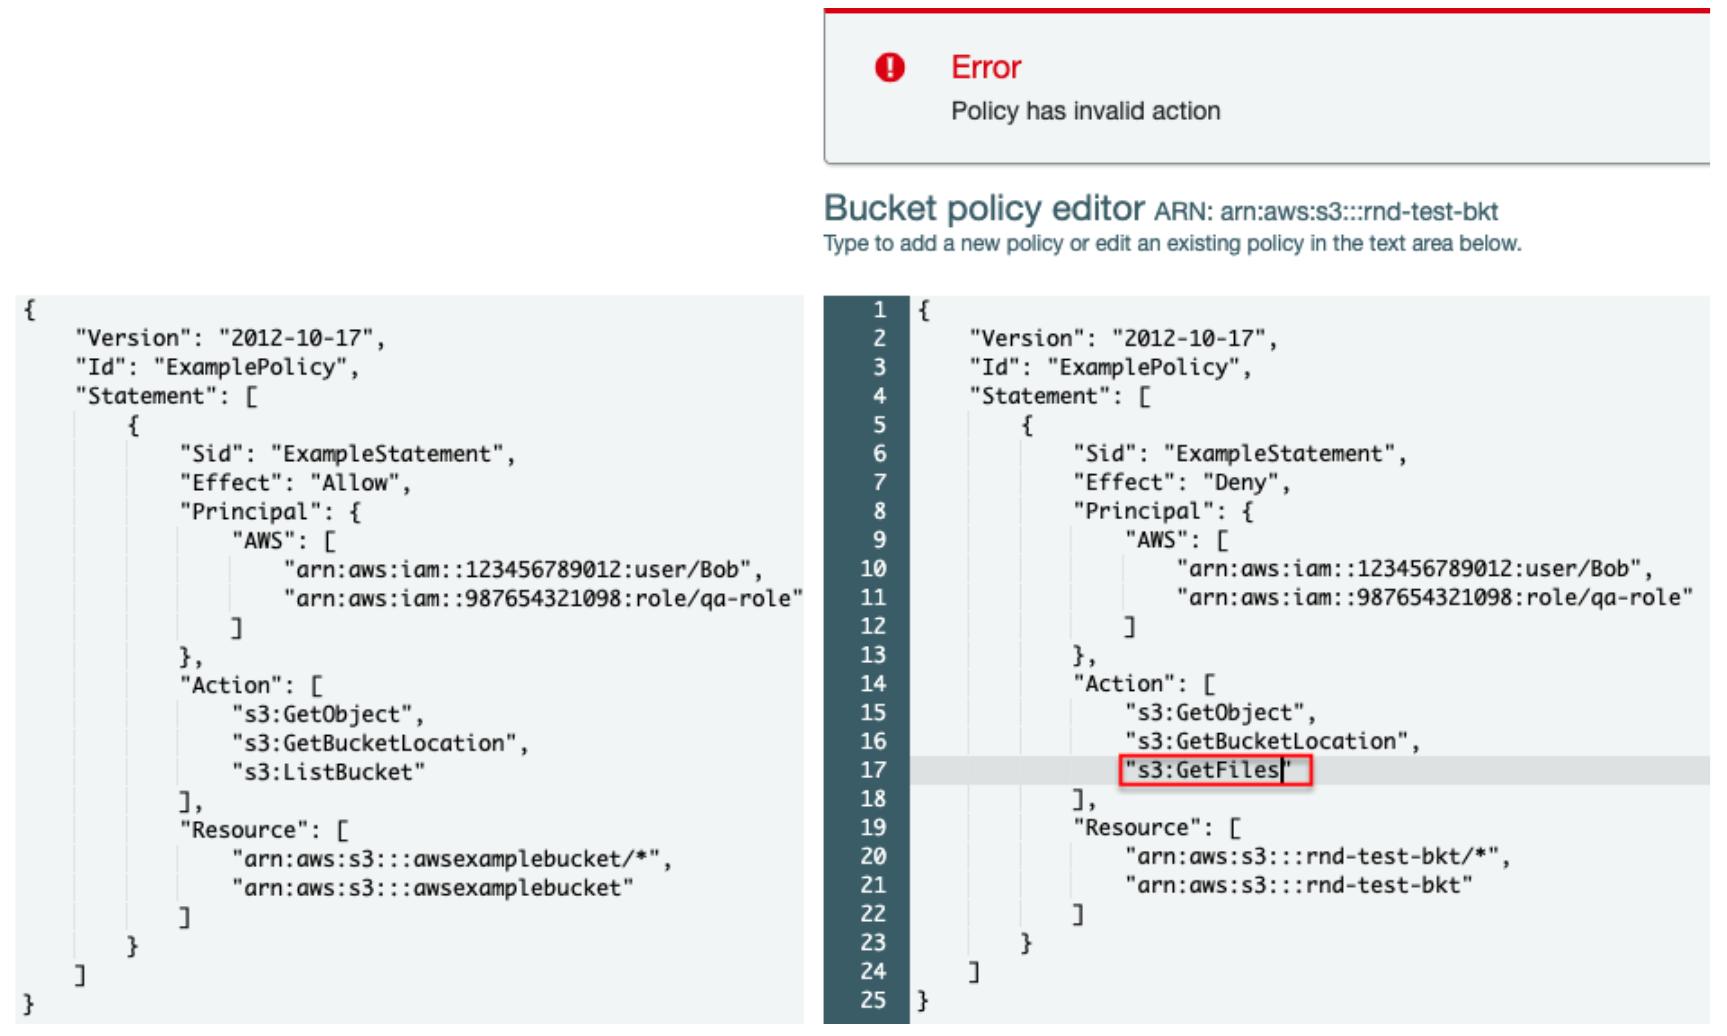 図 2. S3 バケットポリシー(左)とアクションに誤りがあるときのエラーメッセージ例(右)。